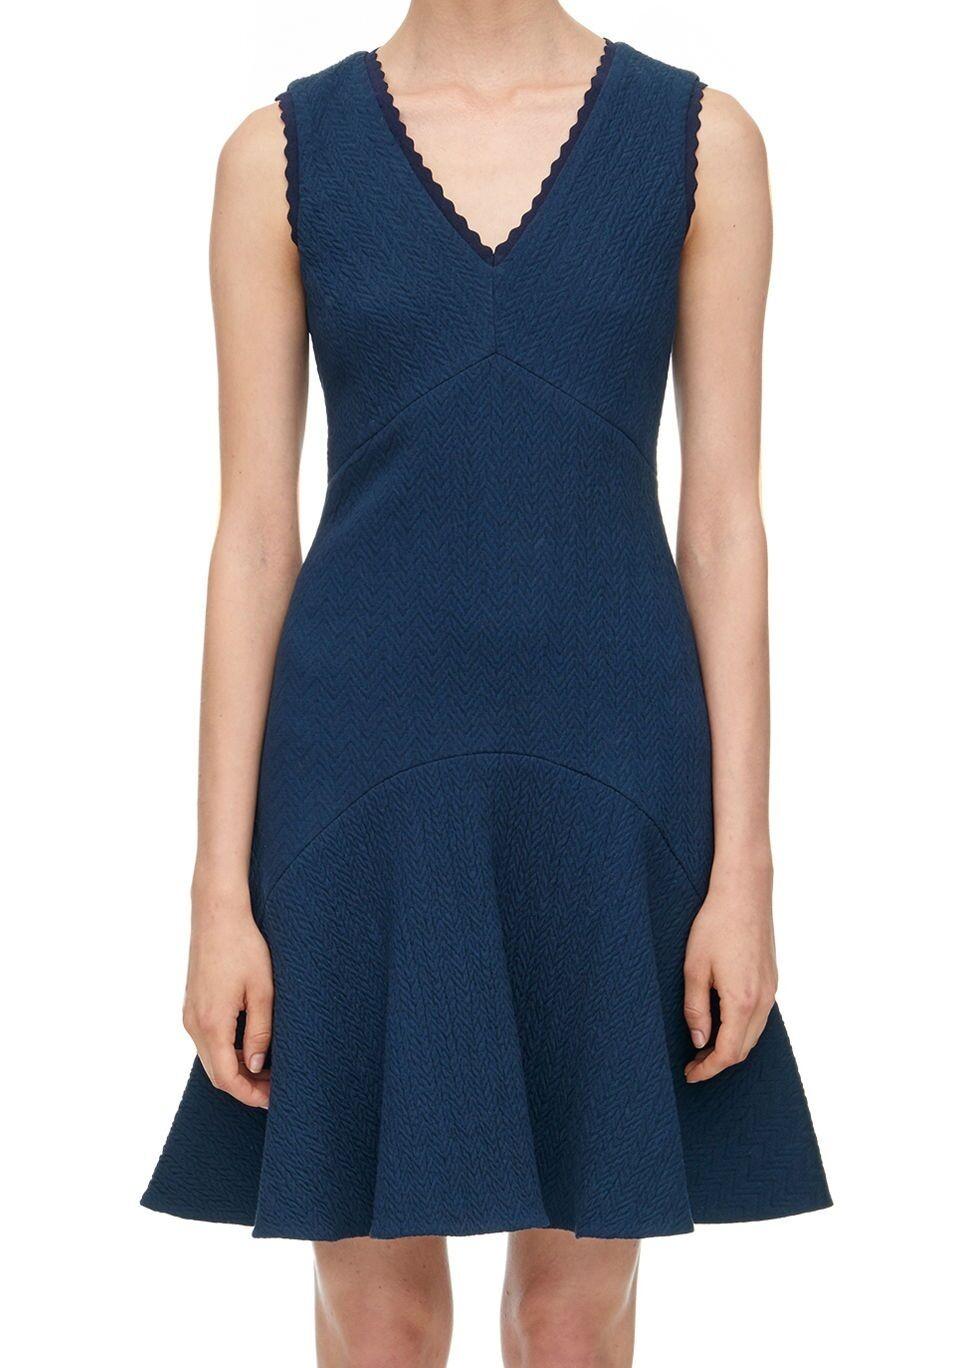 NWT  Rebecca Taylor Texturot Chevron V-Neck Dress Größe 2